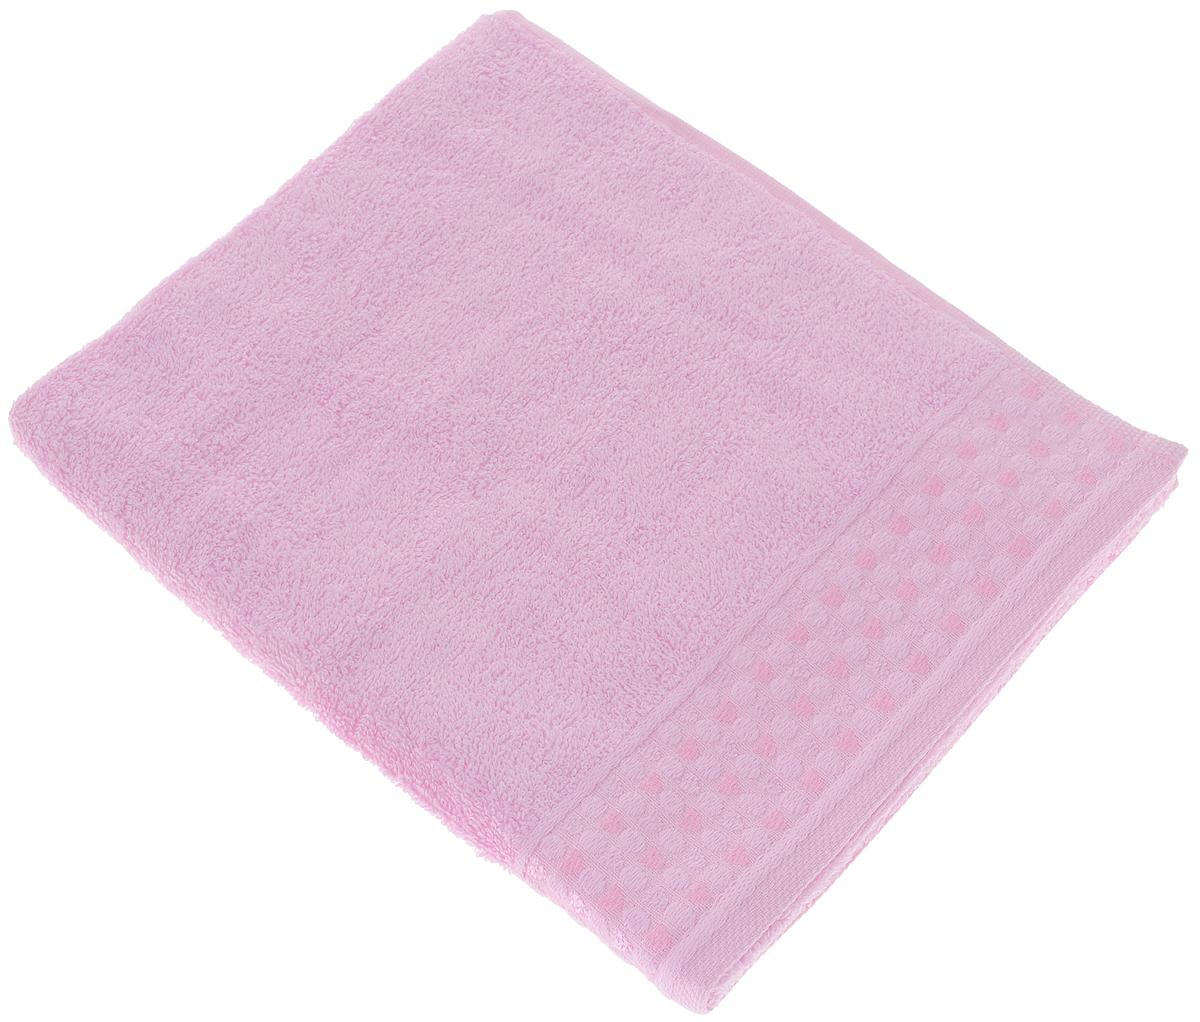 Полотенце Tete-a-Tete Сердечки, цвет: розовый, 50 х 90 см391602Полотенце Tete-a-Tete Сердечки выполнено из натурального 100% хлопка. Бордюр полотенца декорирован сердечками и горошком. Изделие мягкое, отлично впитывает влагу, быстро сохнет, сохраняет яркость цвета и не теряет форму даже после многократных стирок. Полотенце Tete-a-Tete Сердечки очень практично и неприхотливо в уходе. Оно легко впишется в любой интерьер благодаря своей нежной цветовой гамме.